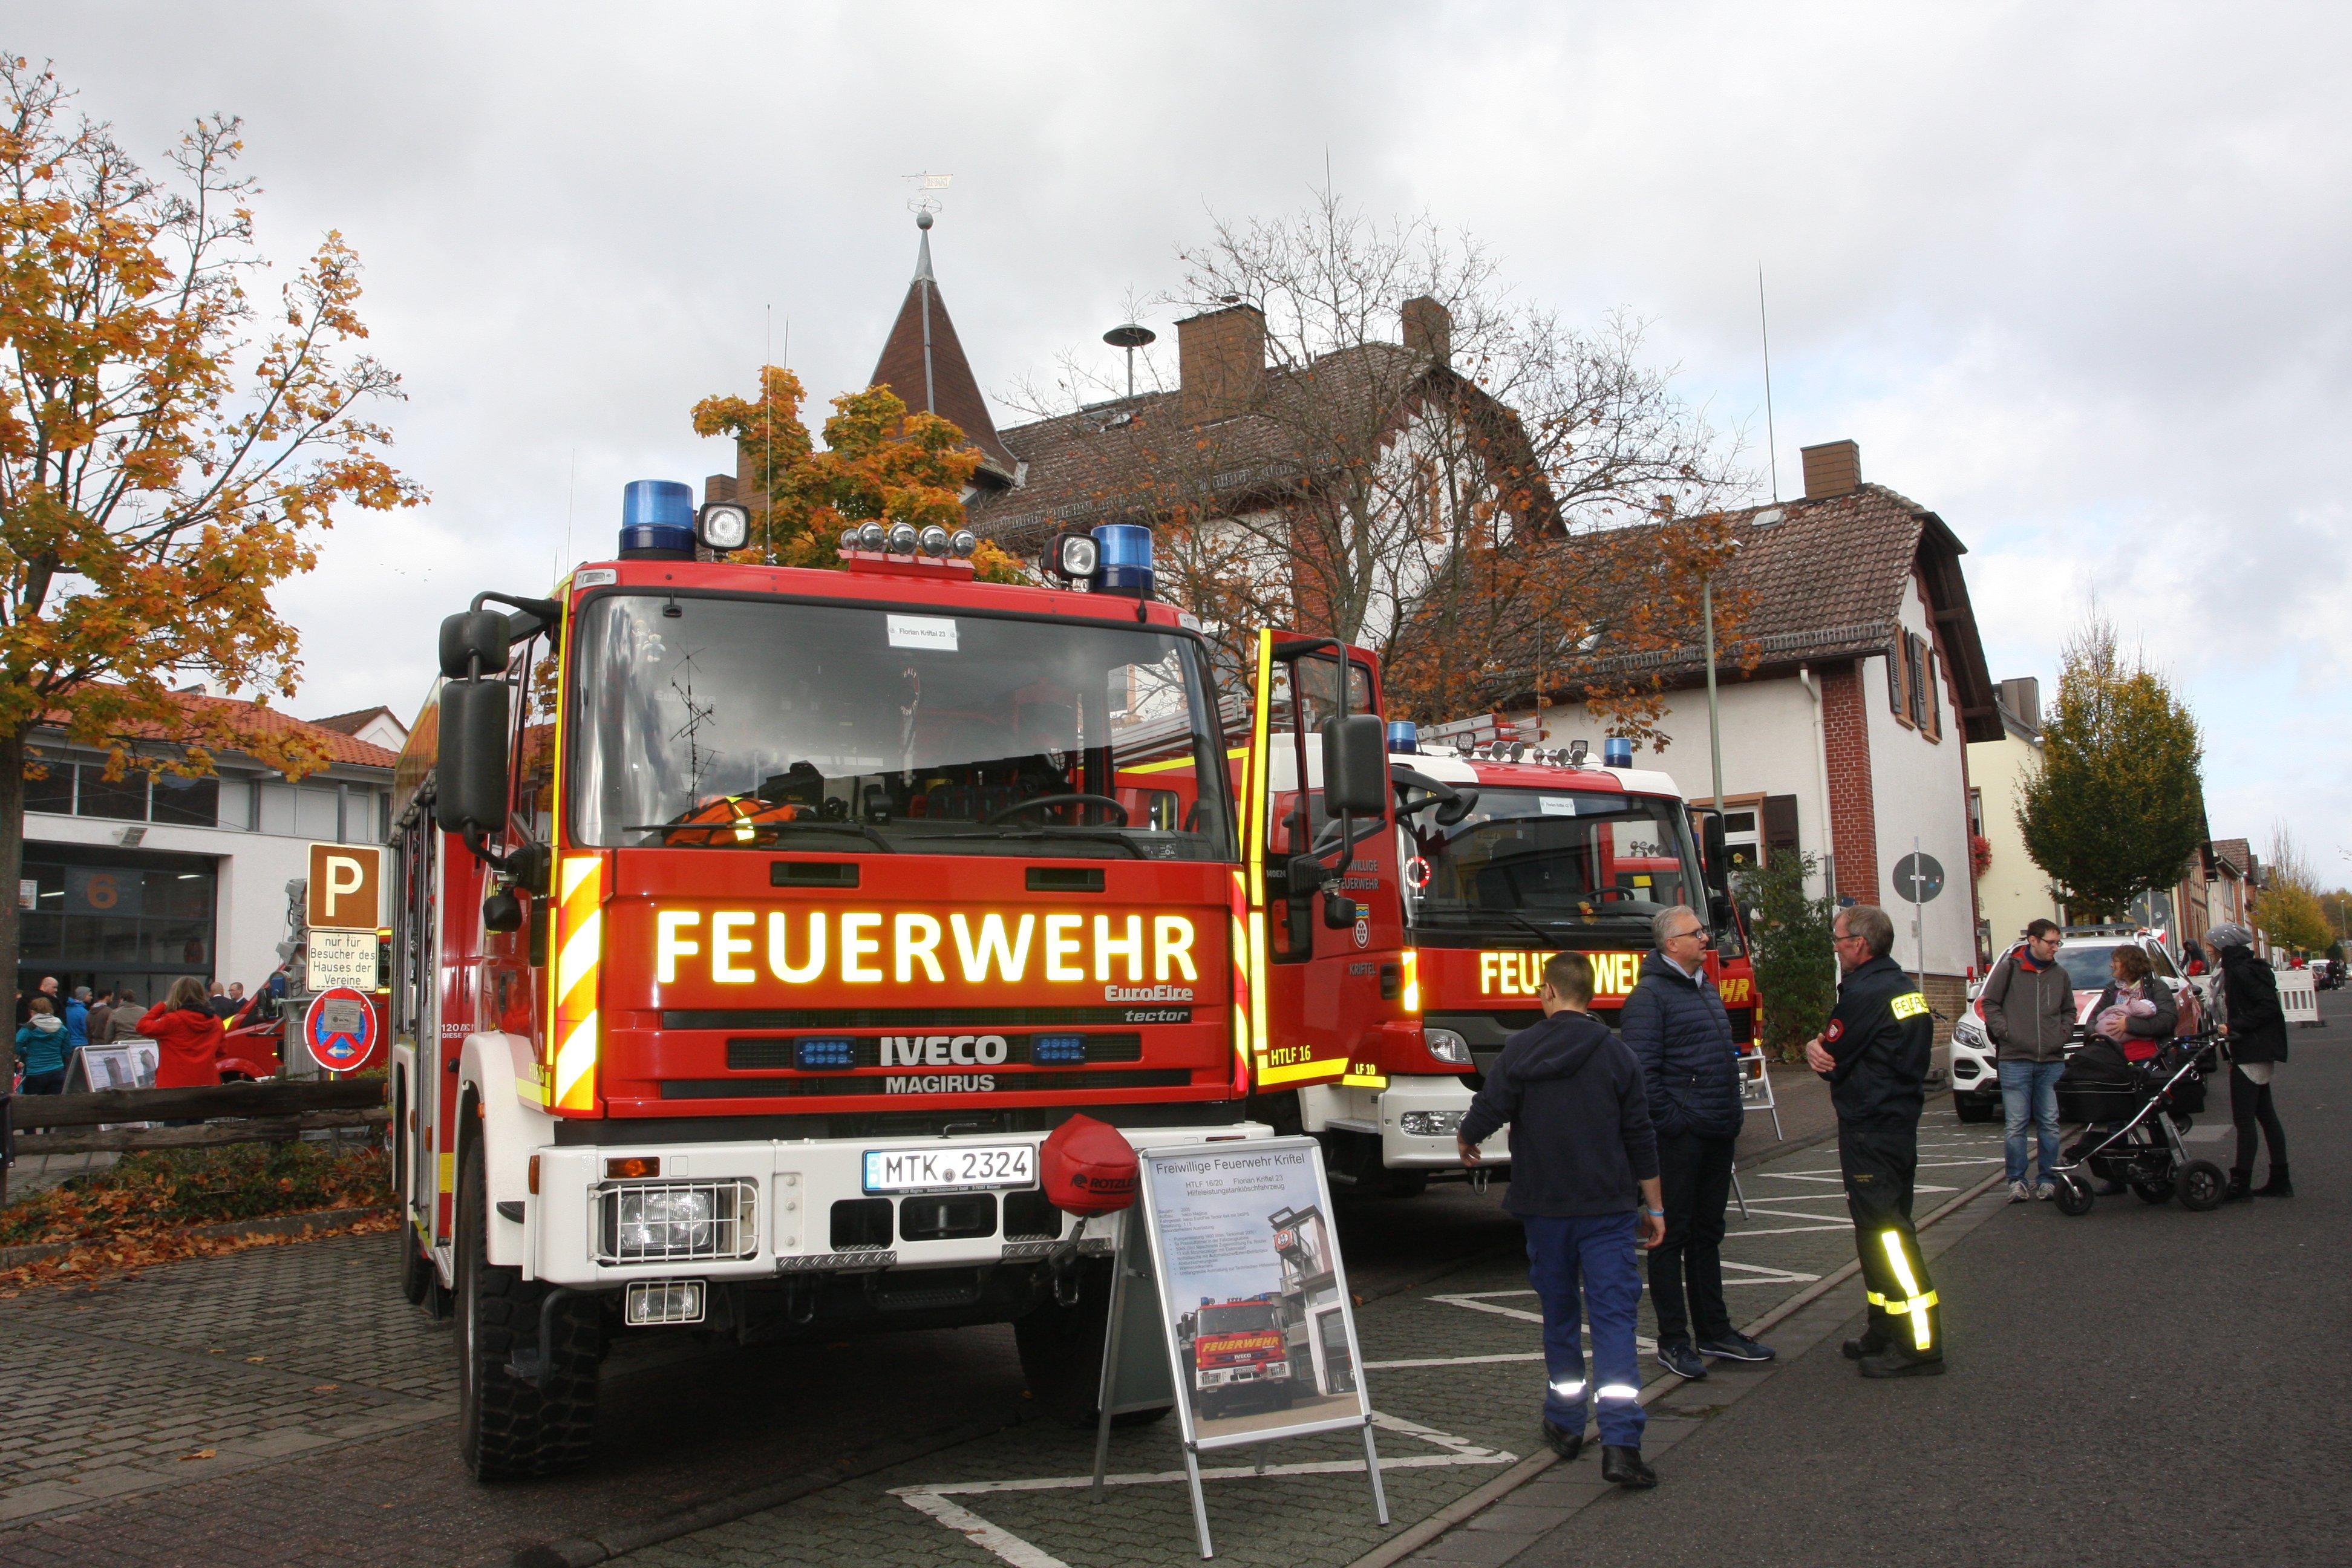 Zwei Einsatzfahrzeuge vor dem Gebäude der Feuerwehr beim Tag der offenen Tür